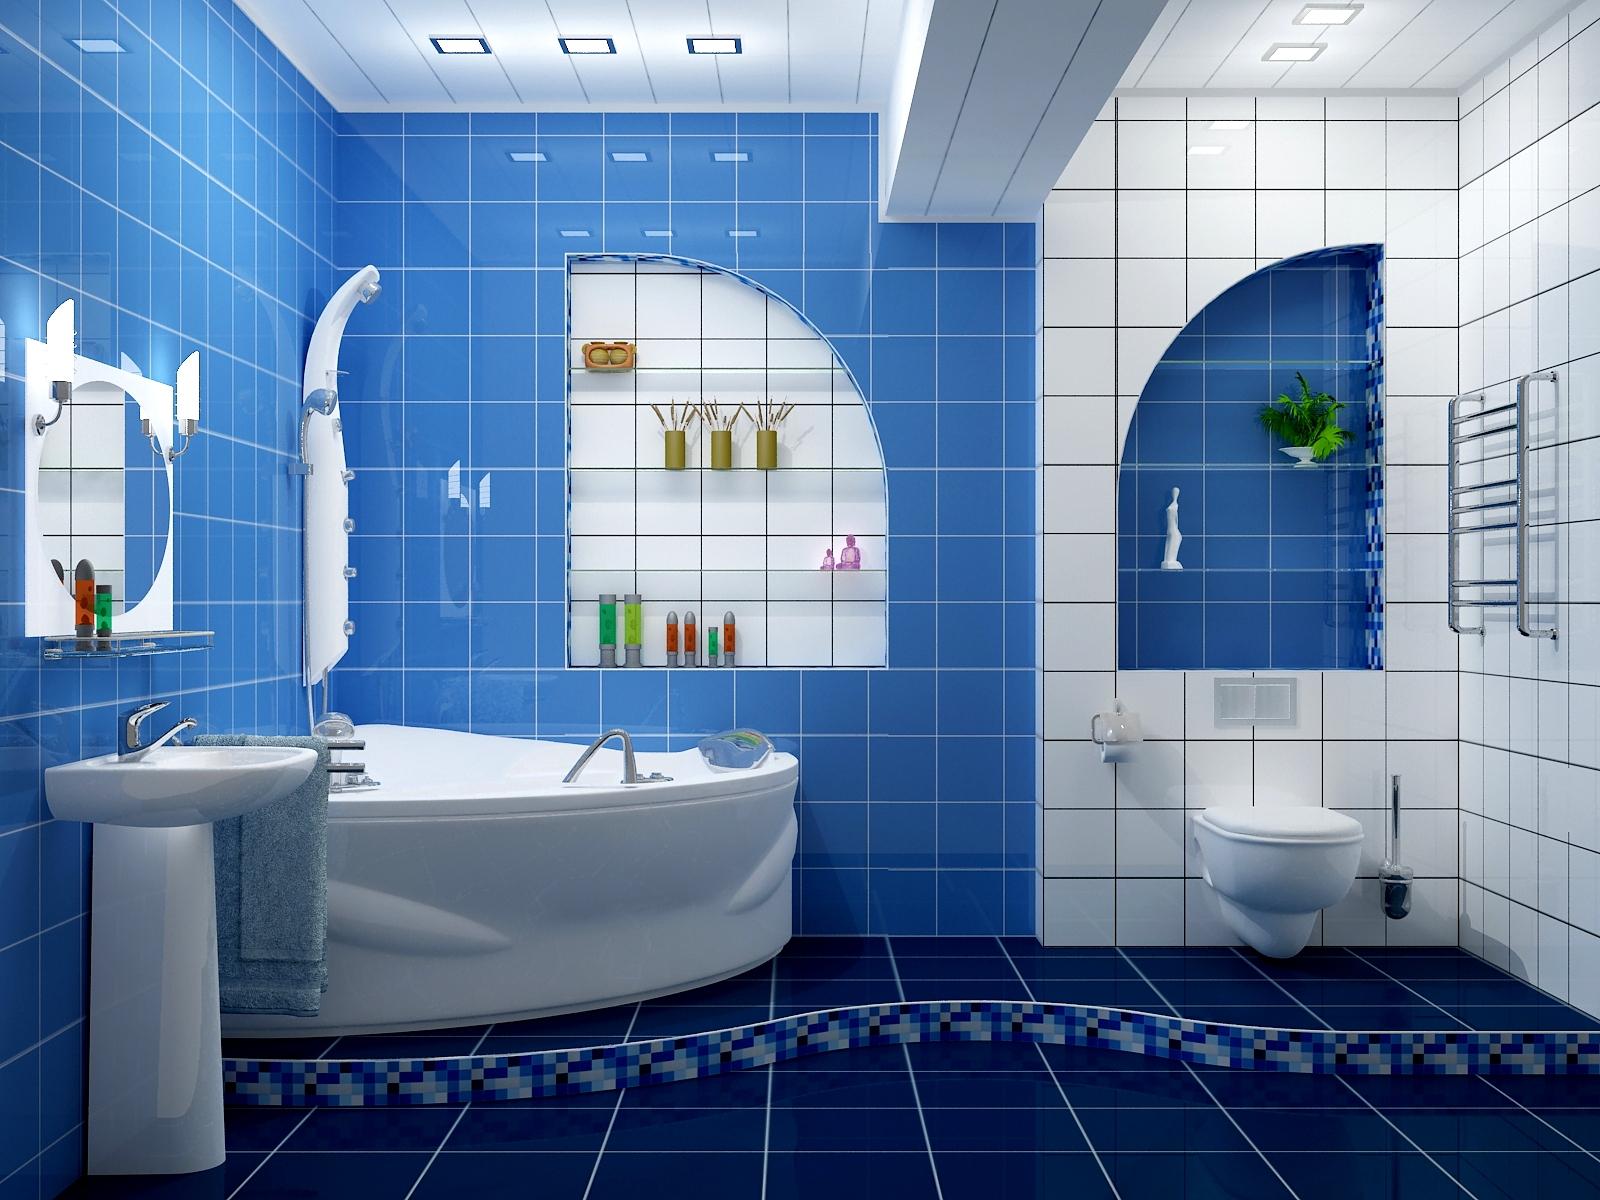 Plan für die Reparatur des Badezimmers. Die Reihenfolge der ...